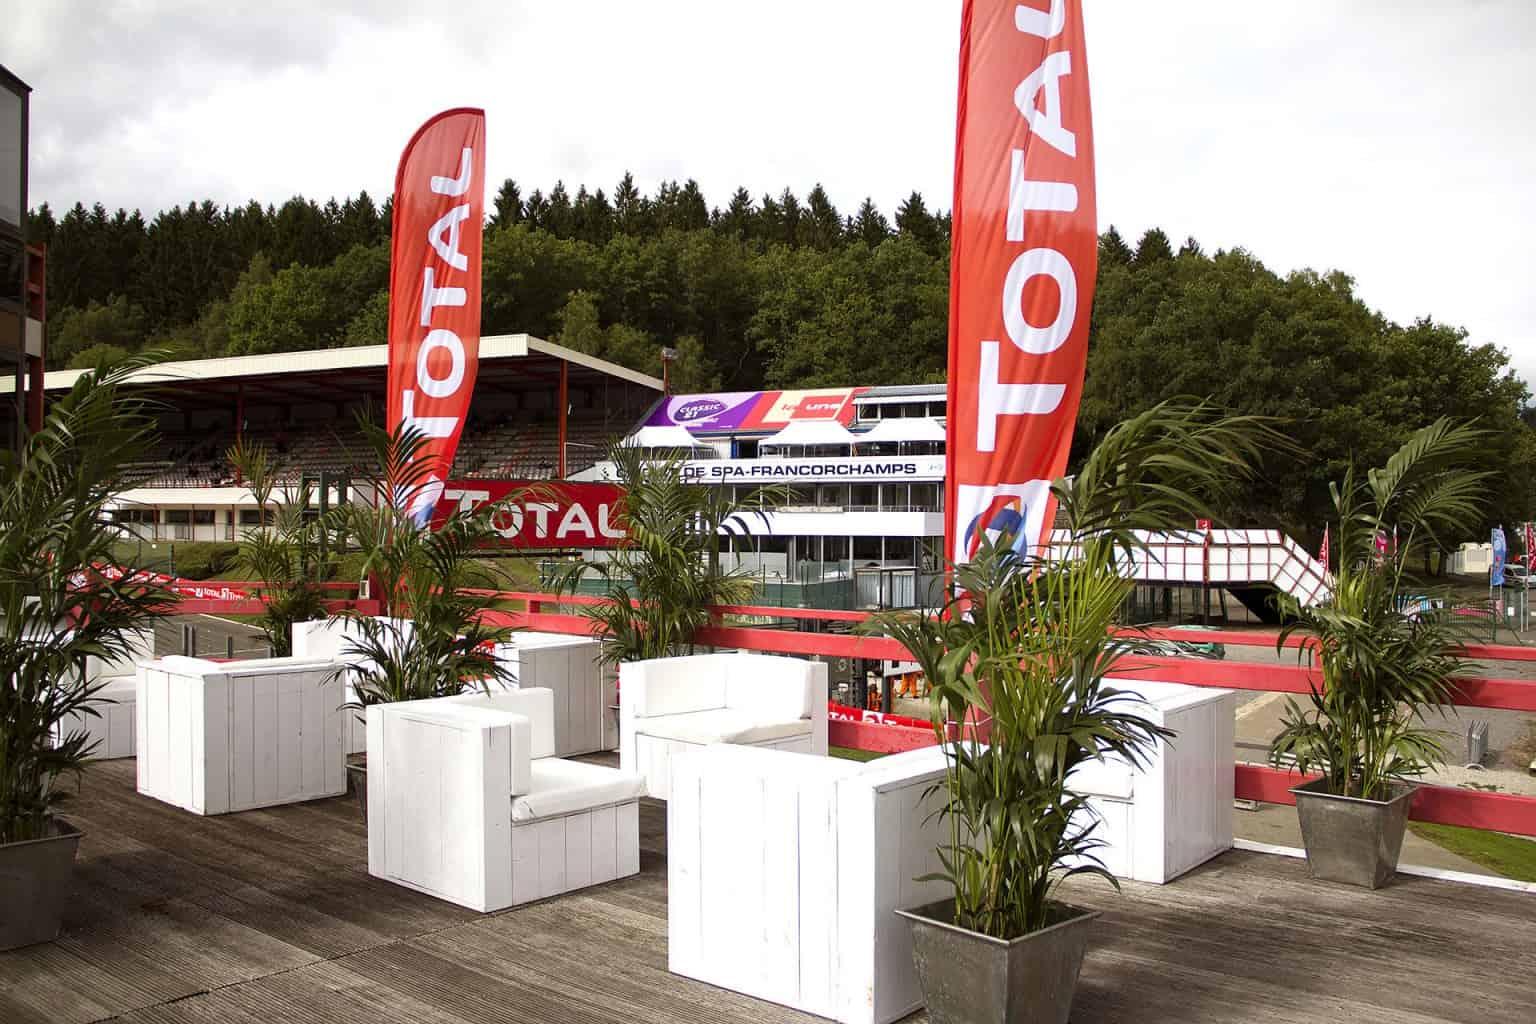 Aménagement des mezzanines réalisé par So Event à l'occasion des Total 24H de Spa.